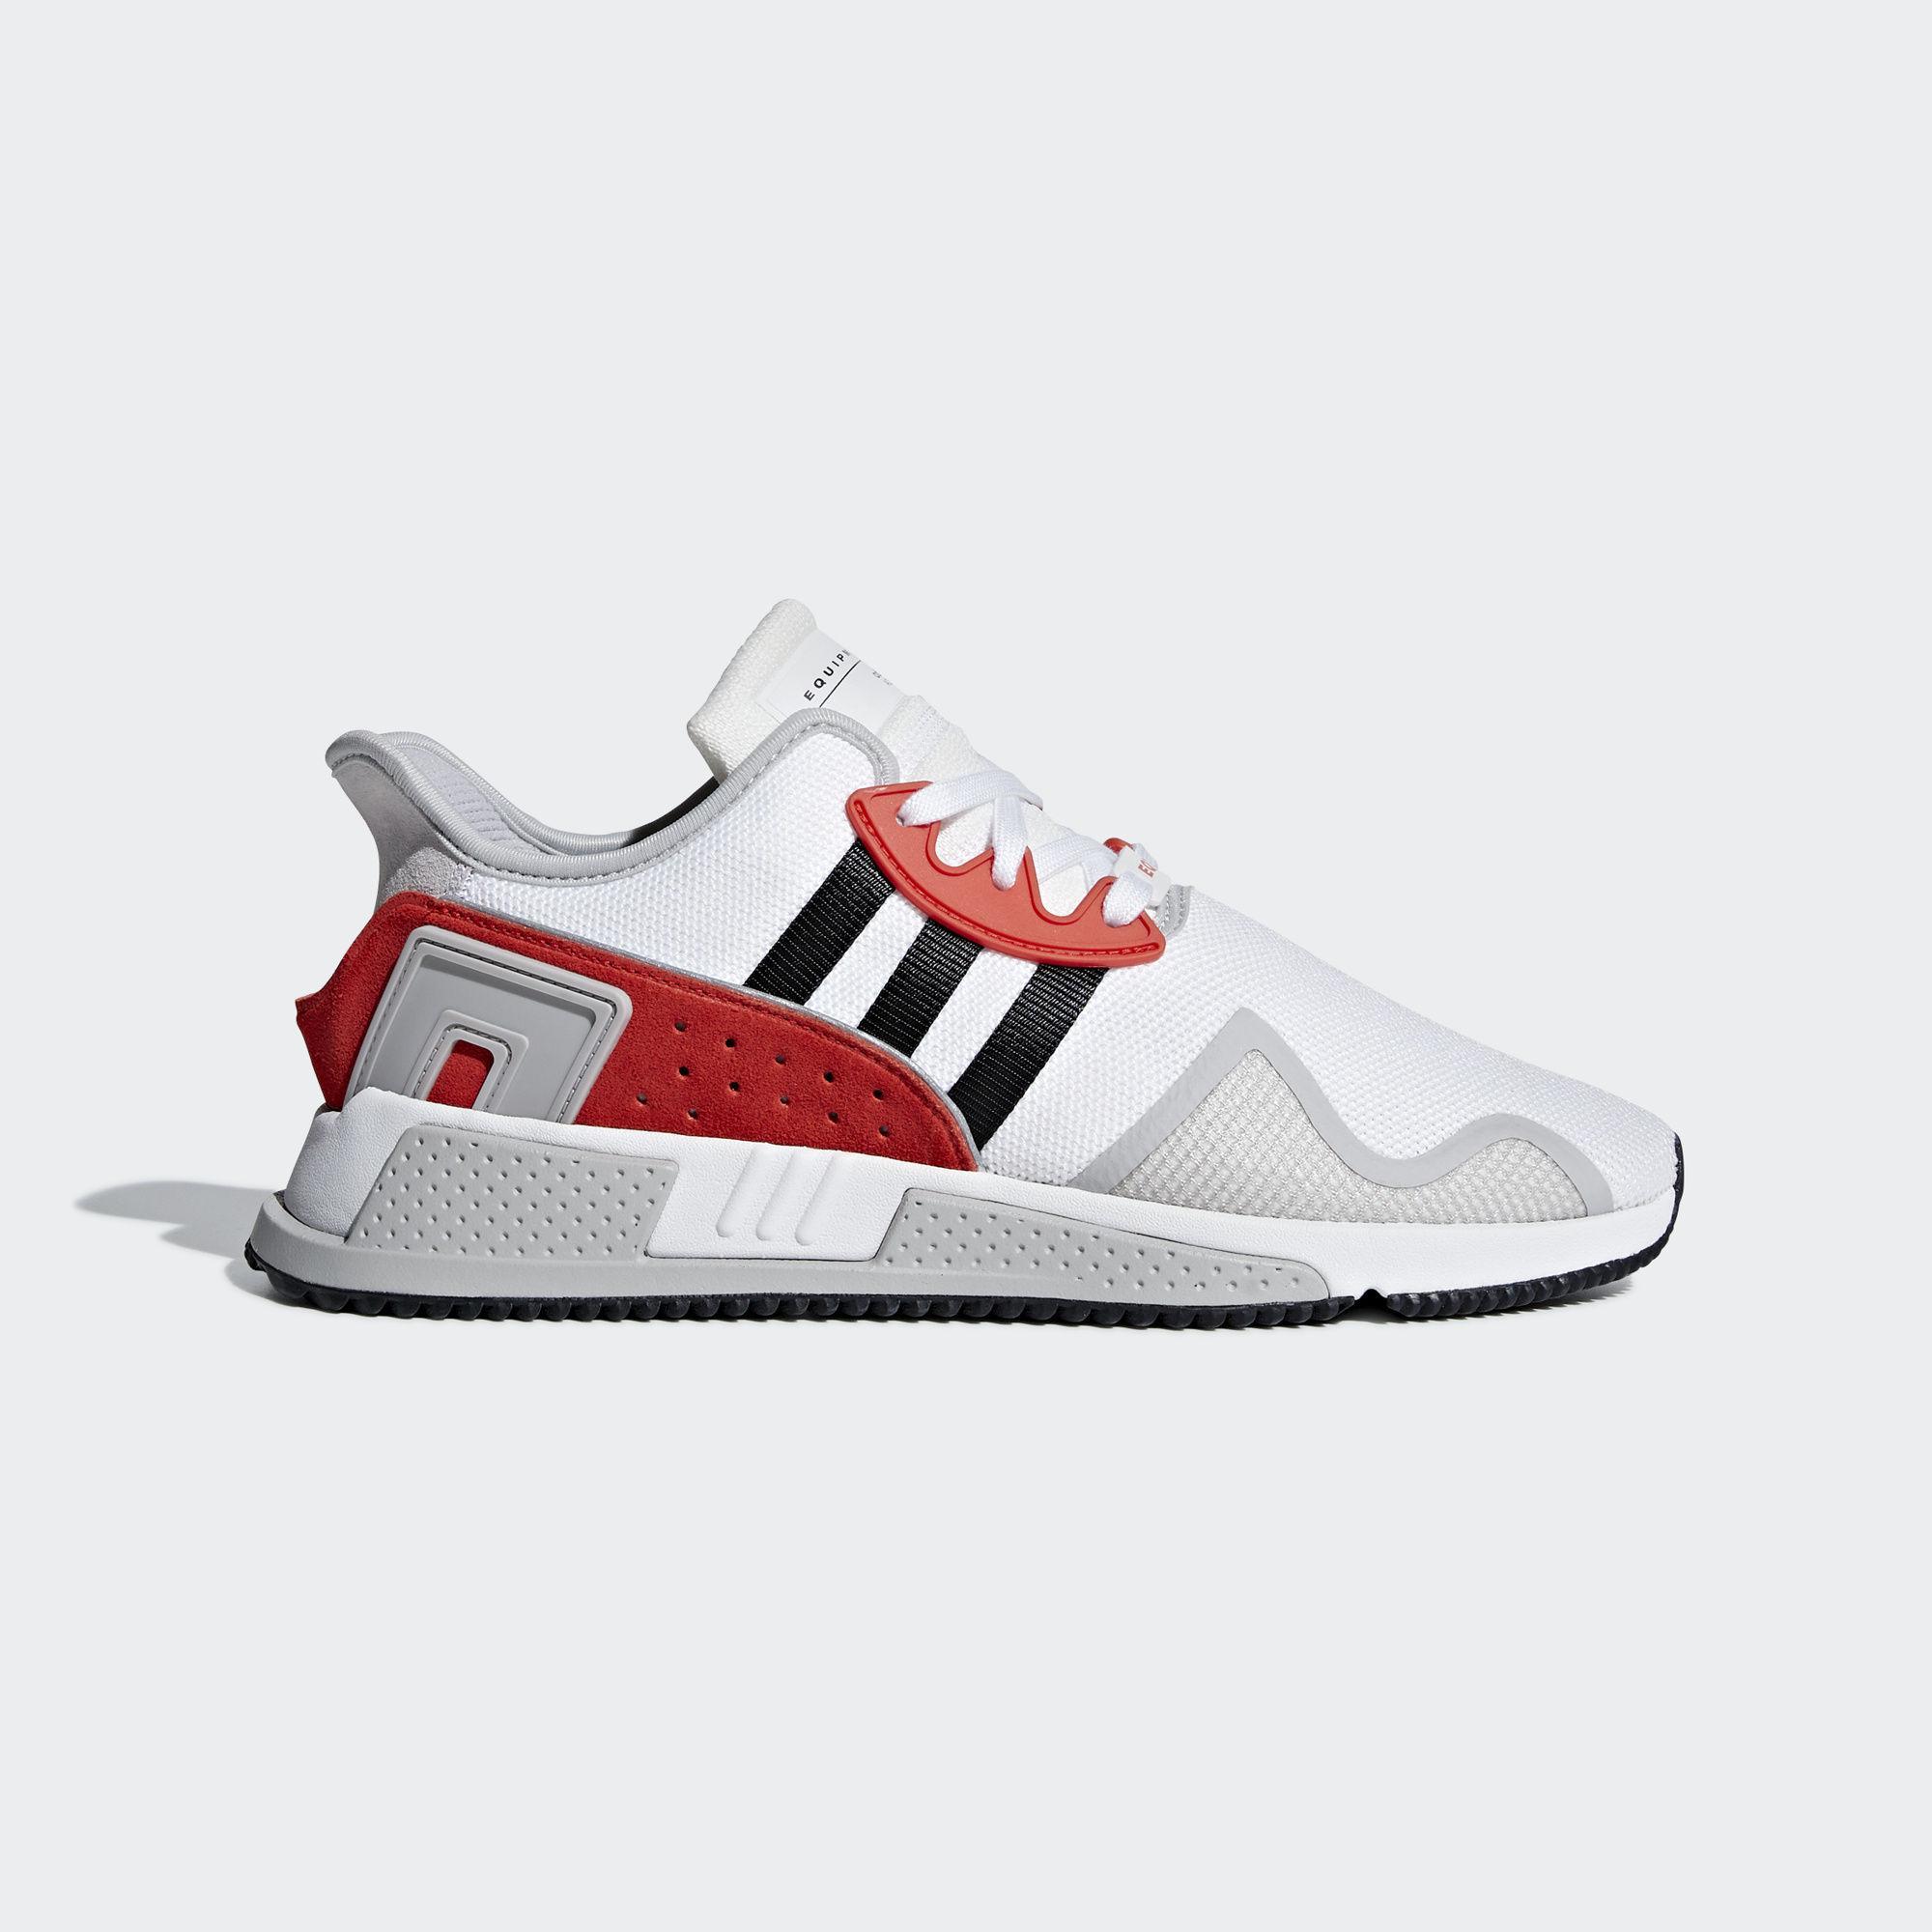 sports shoes 995f5 ca013 adidas Originals. Mens Adidas Eqt Cushion Adv Ftw ...